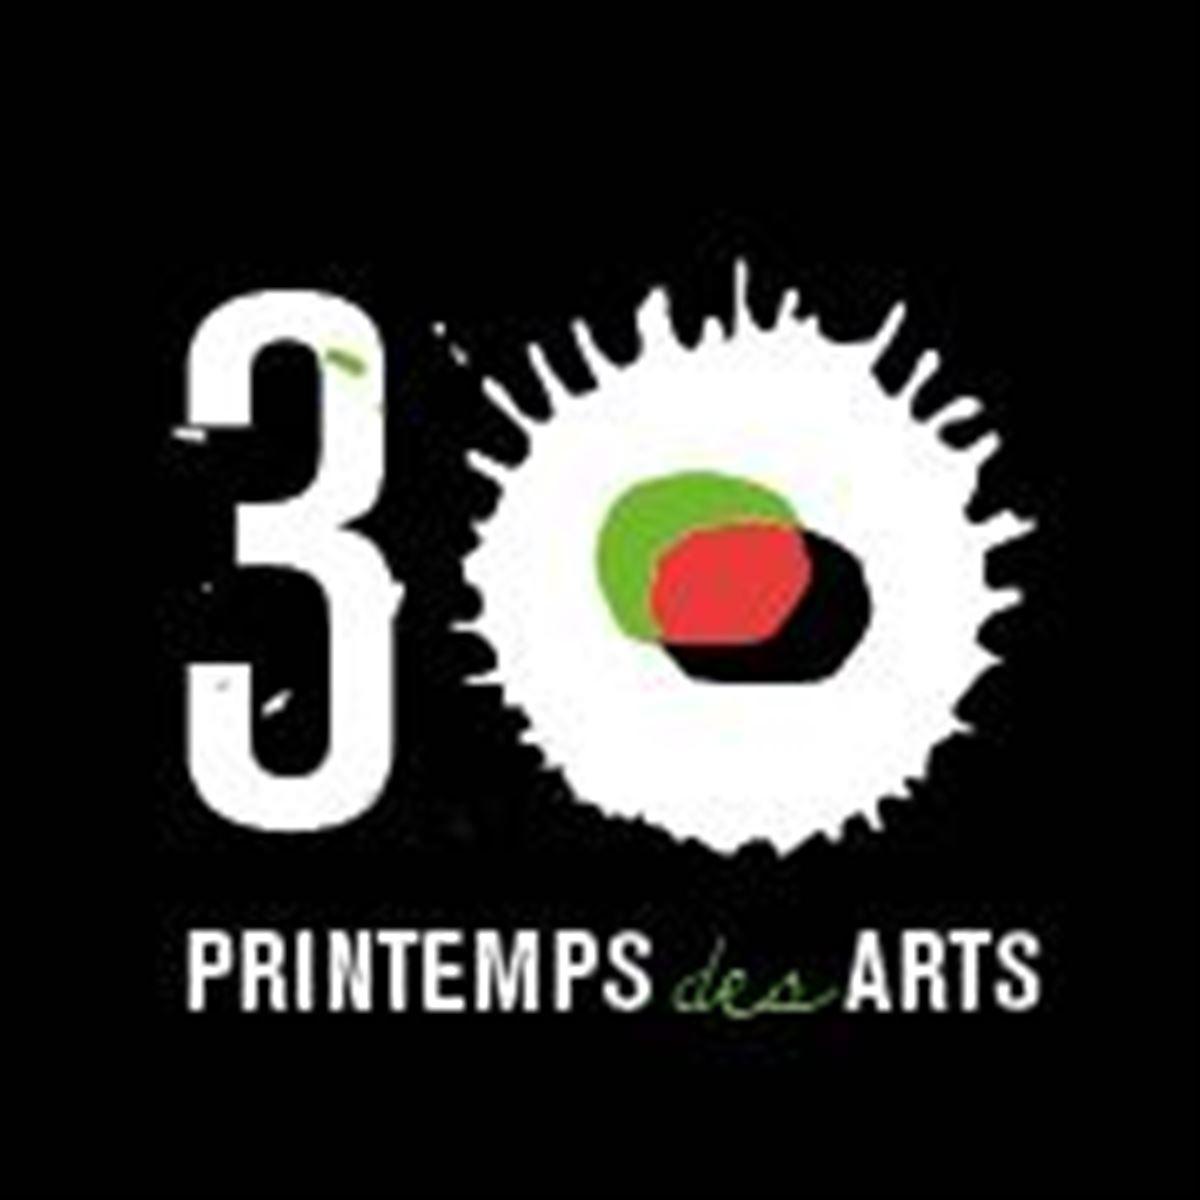 モンテカルロ春の芸術祭がパリに進出